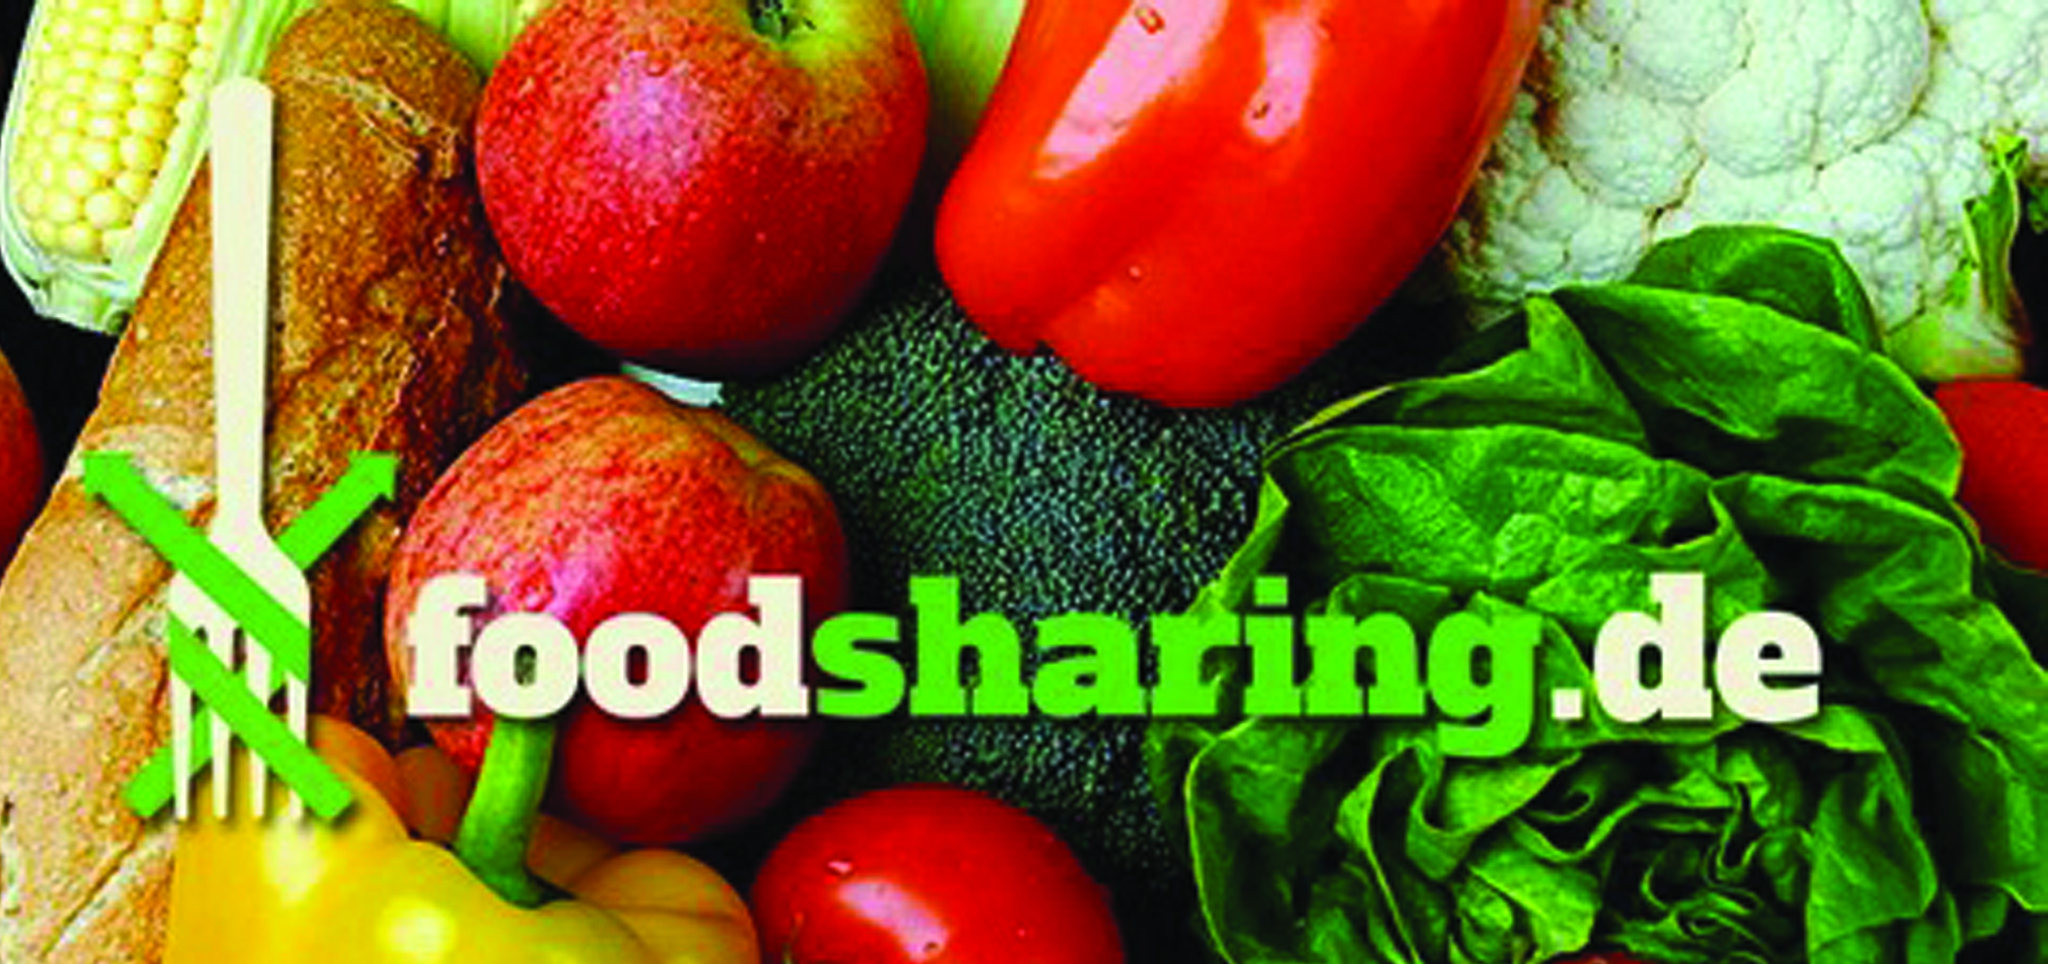 foodsharing_allemagne